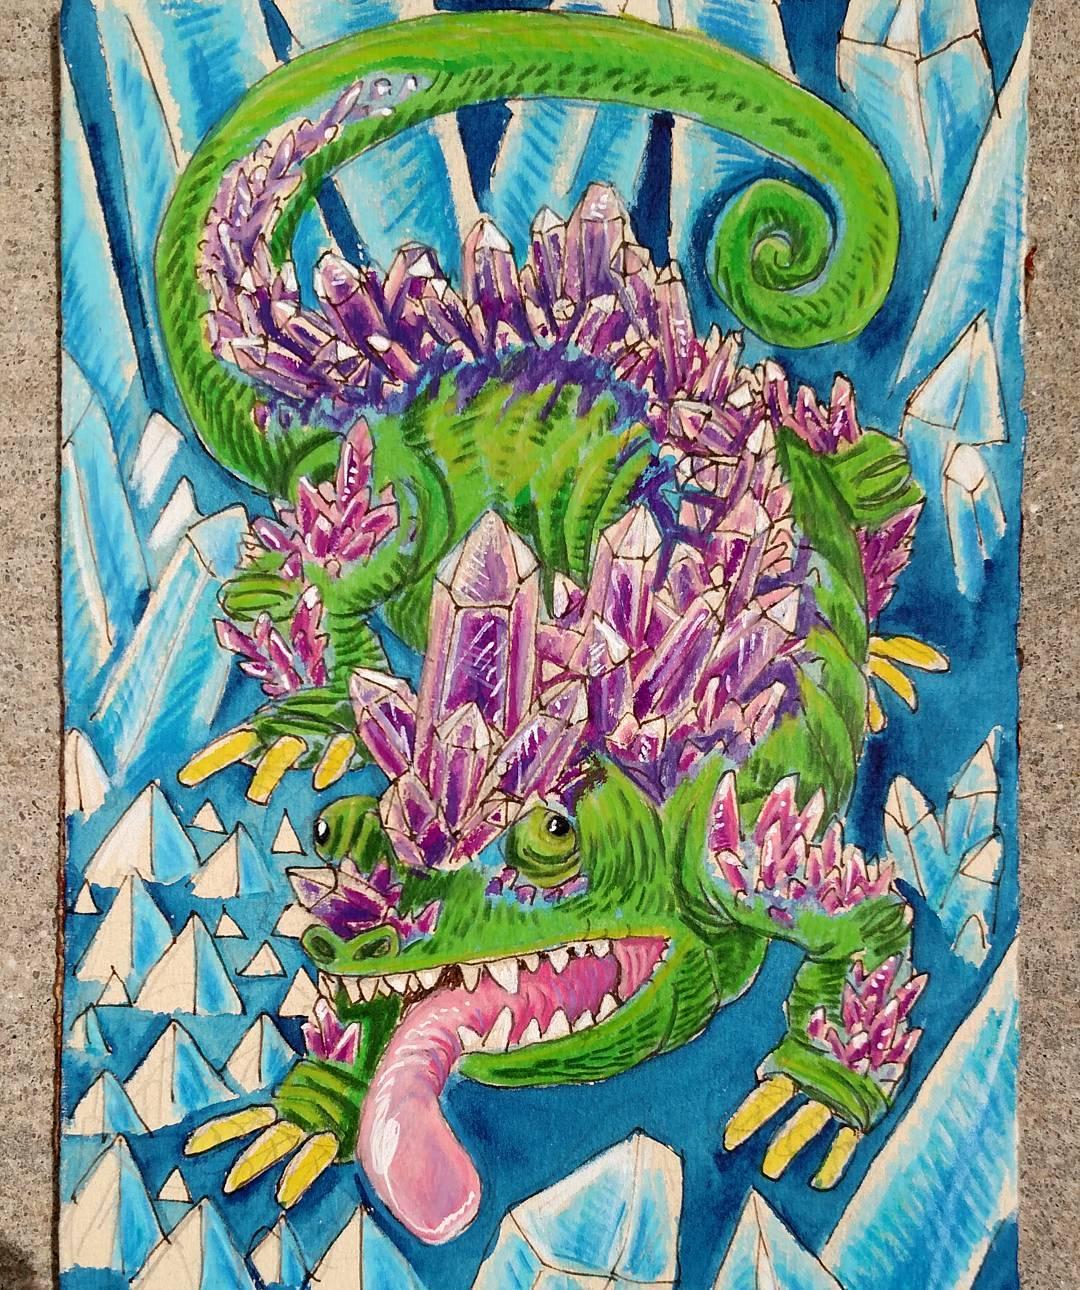 """redjarojam """"Gem Dragon"""" - by Jared DeCosta (redjarojam) www.instagram.com/redjarojam (2016-2019) © dell'autore tutti i diritti riservati"""